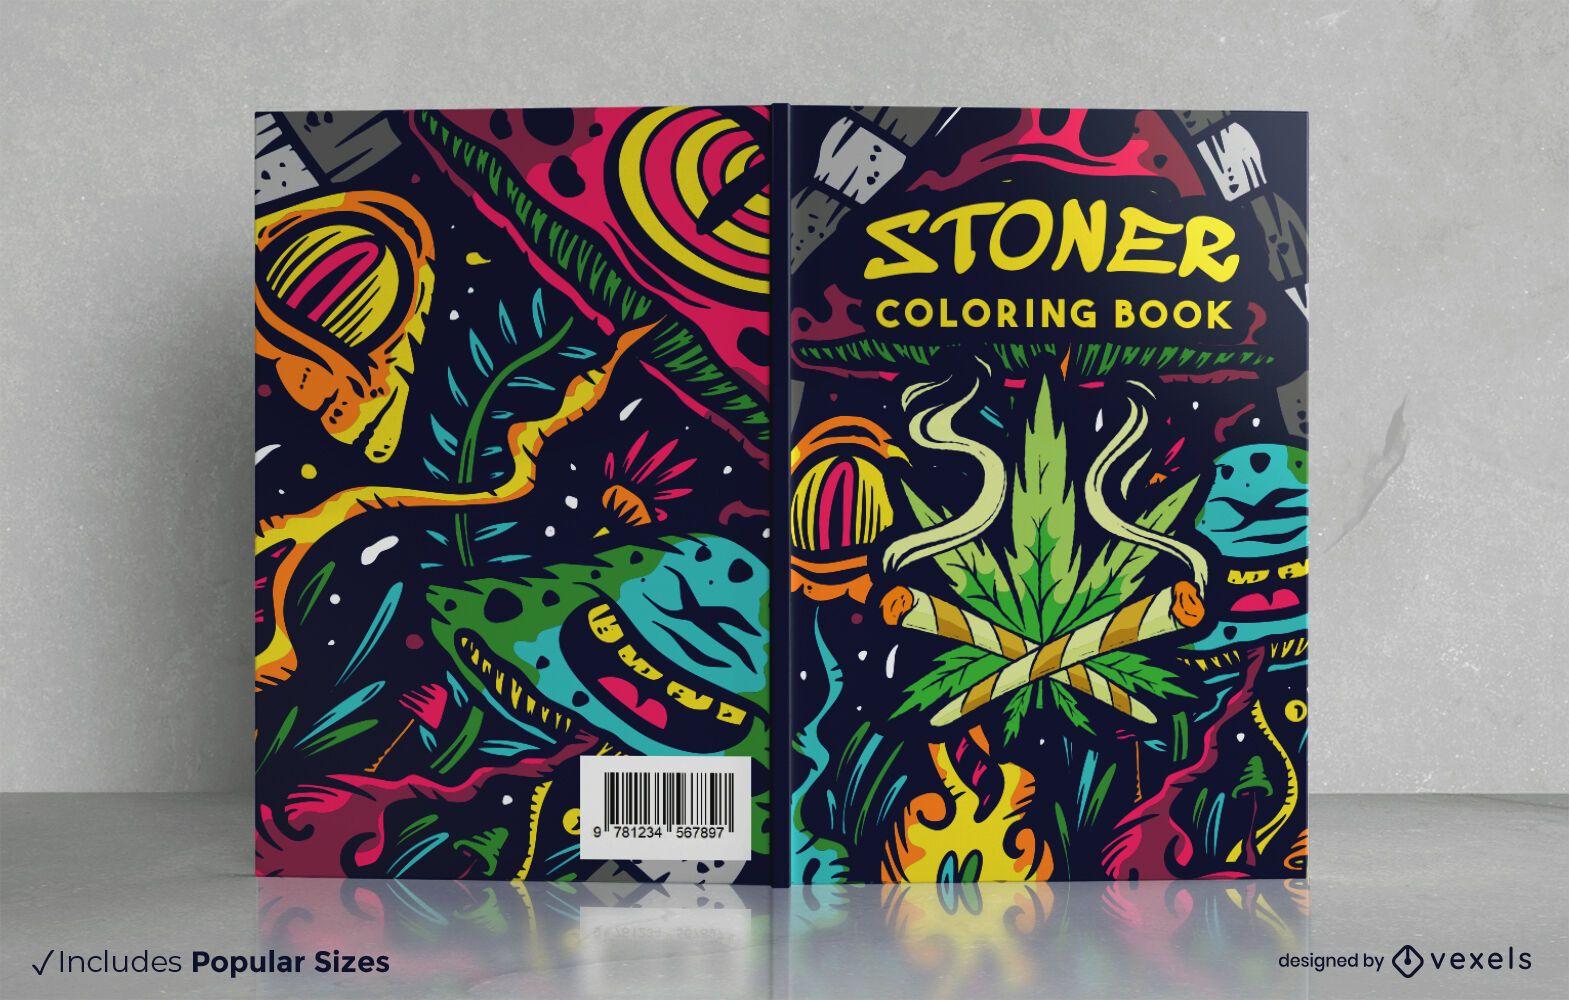 Stoner Malbuch Cover Design